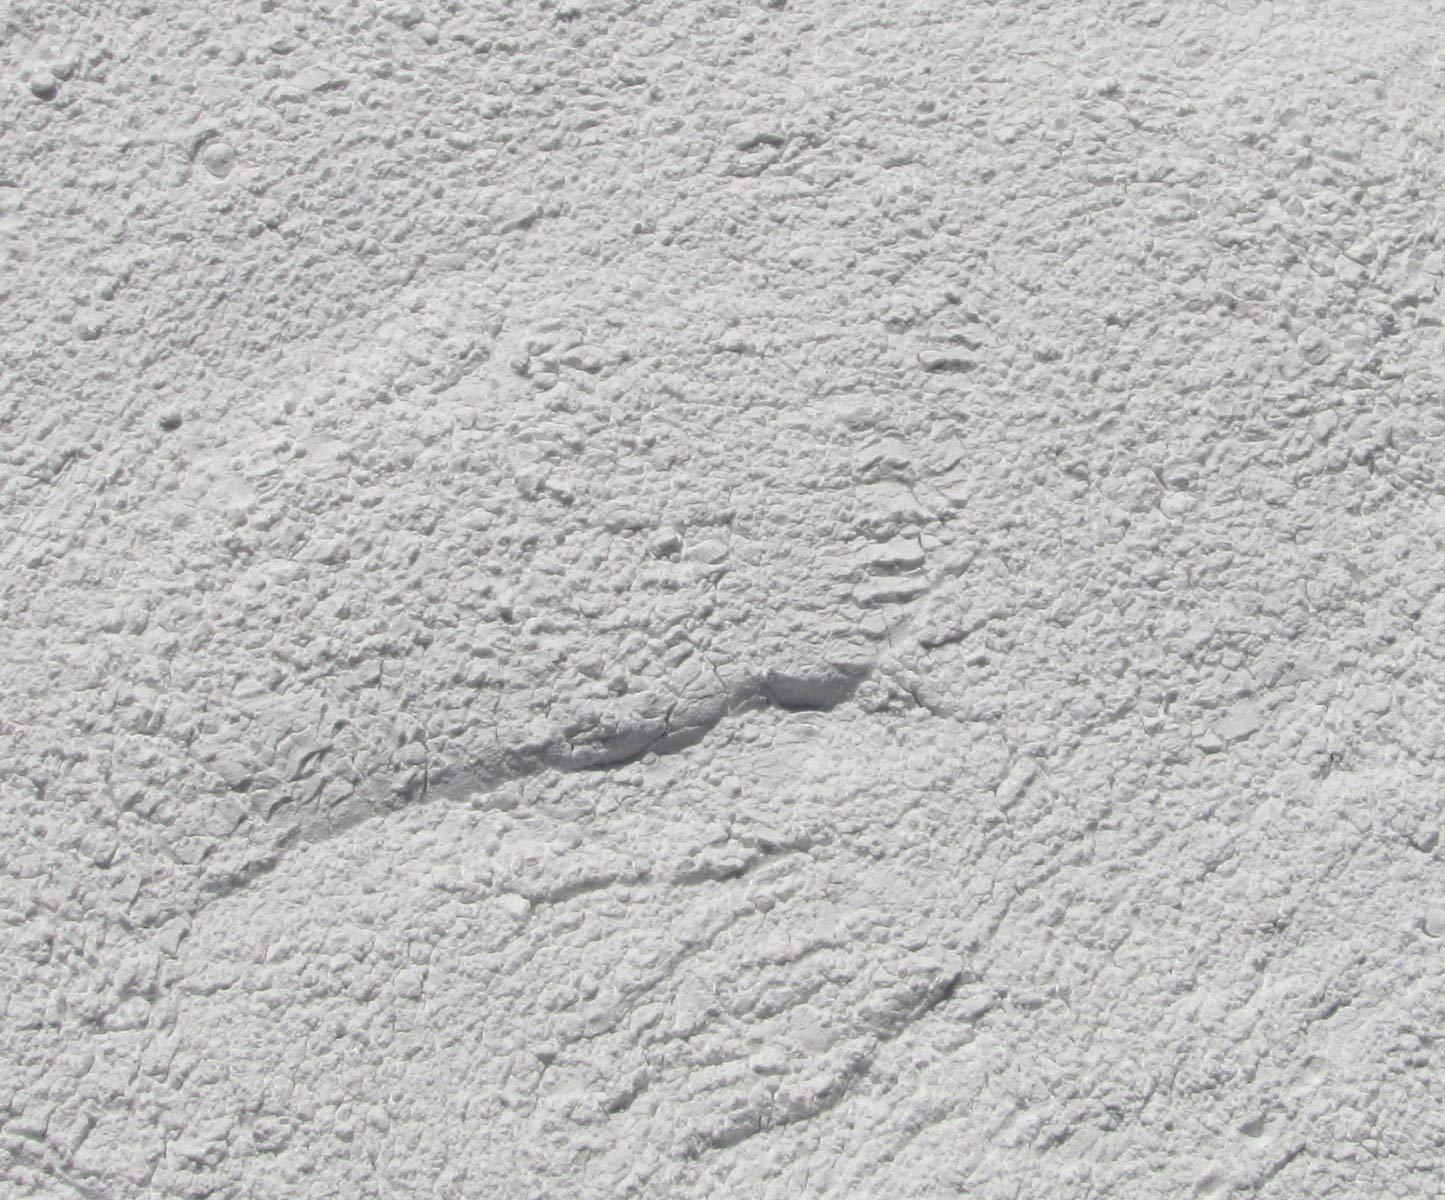 3 Lb. Aluminium Oxide Rotary Vibratory Tumbler Rock Polishing Grit 1200 - Final Polish